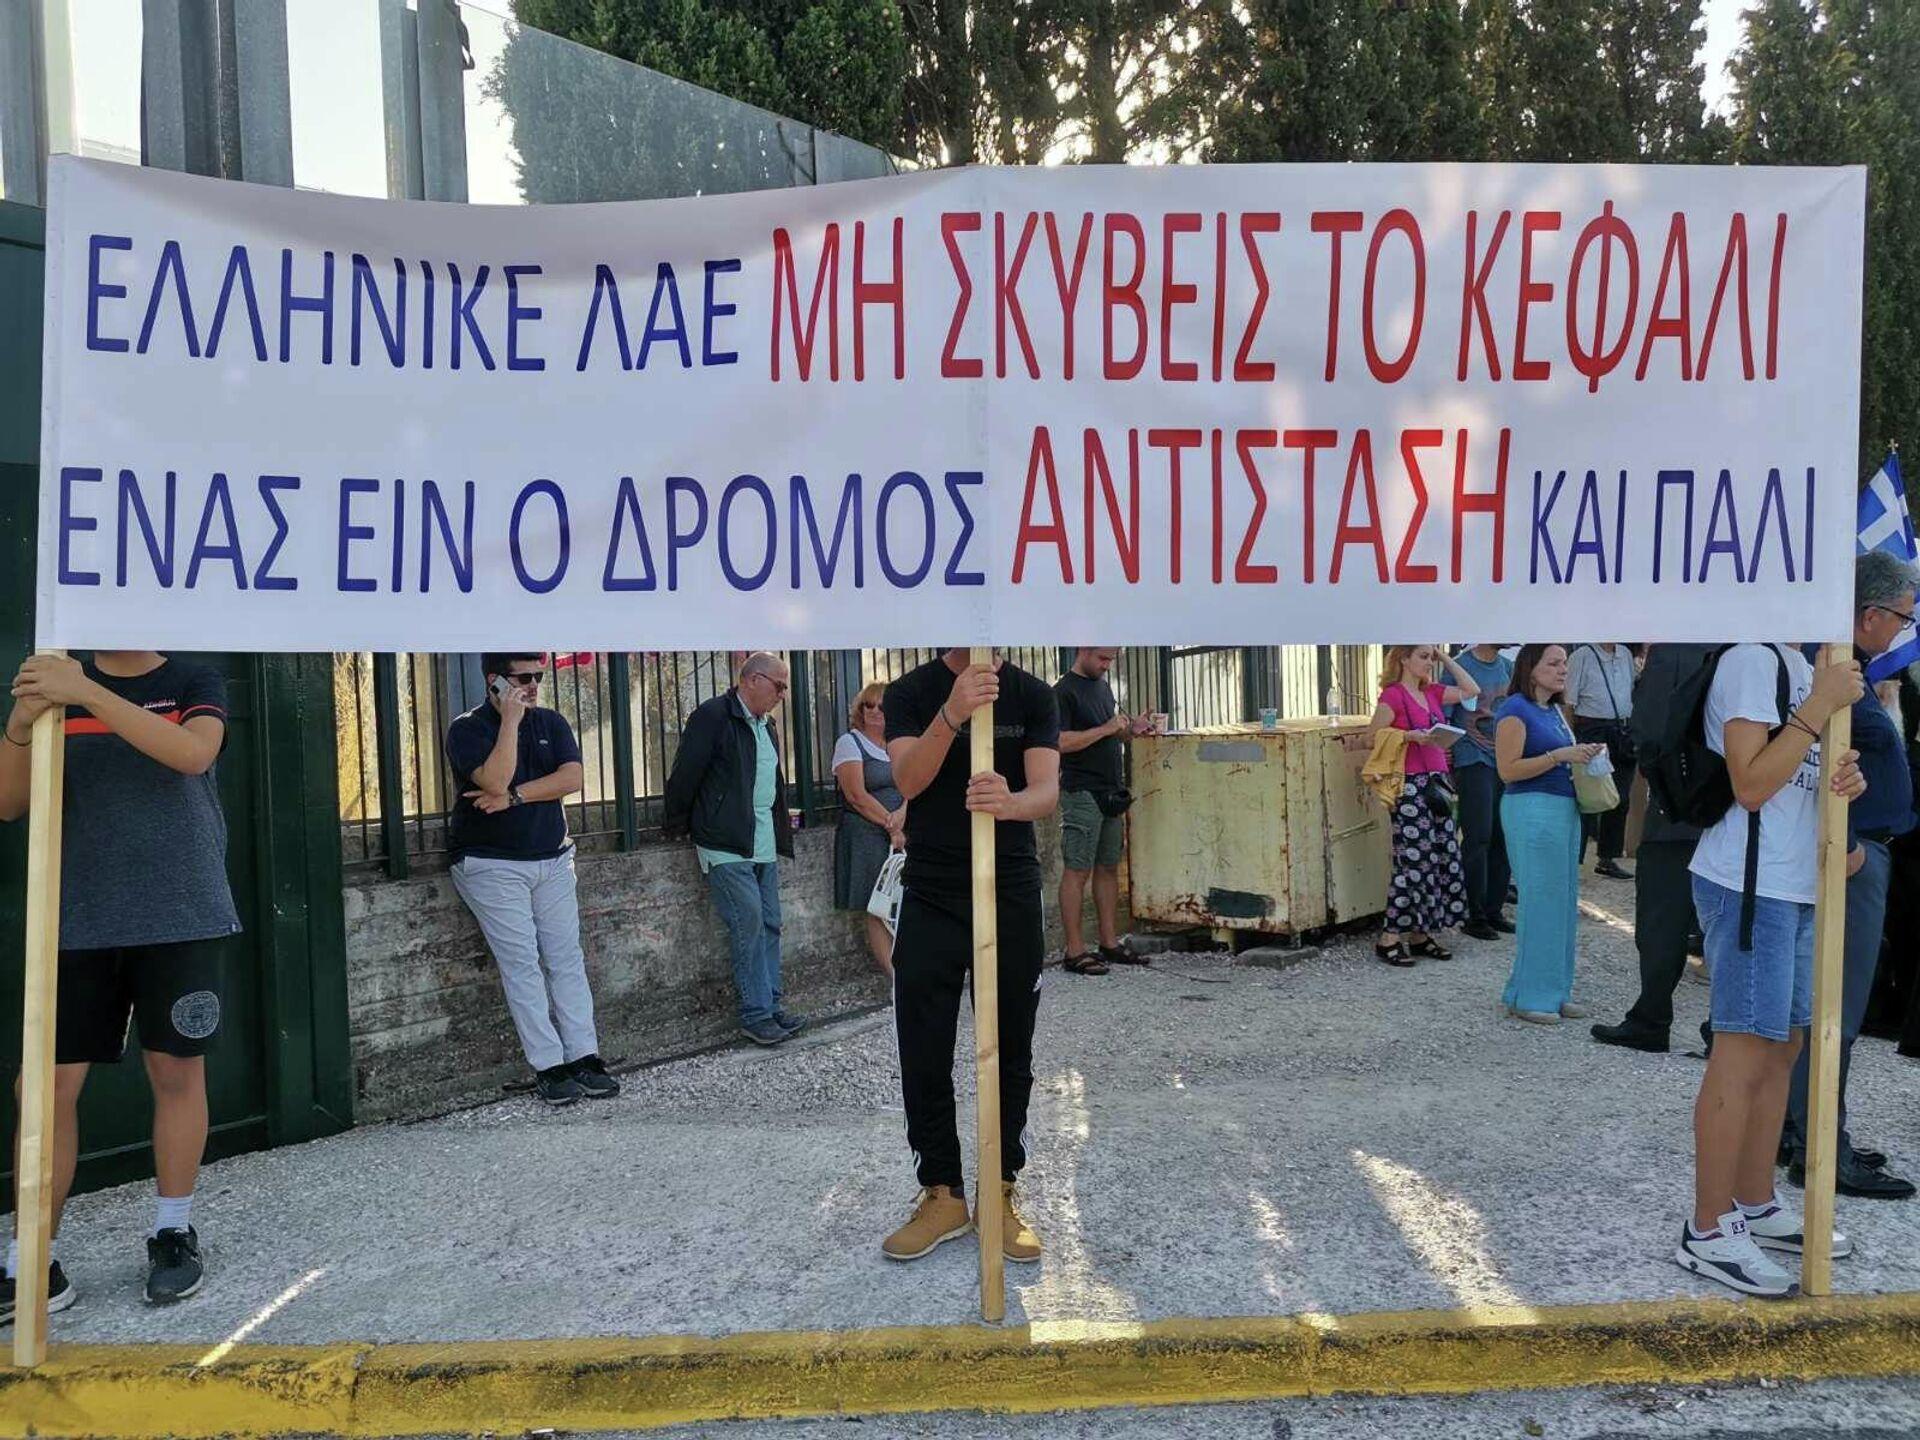 Διαμαρτυρία με σημαίες και συνθήματα για τη σεξουαλική διαπαιδαγώγηση στα σχολεία - Sputnik Ελλάδα, 1920, 20.09.2021